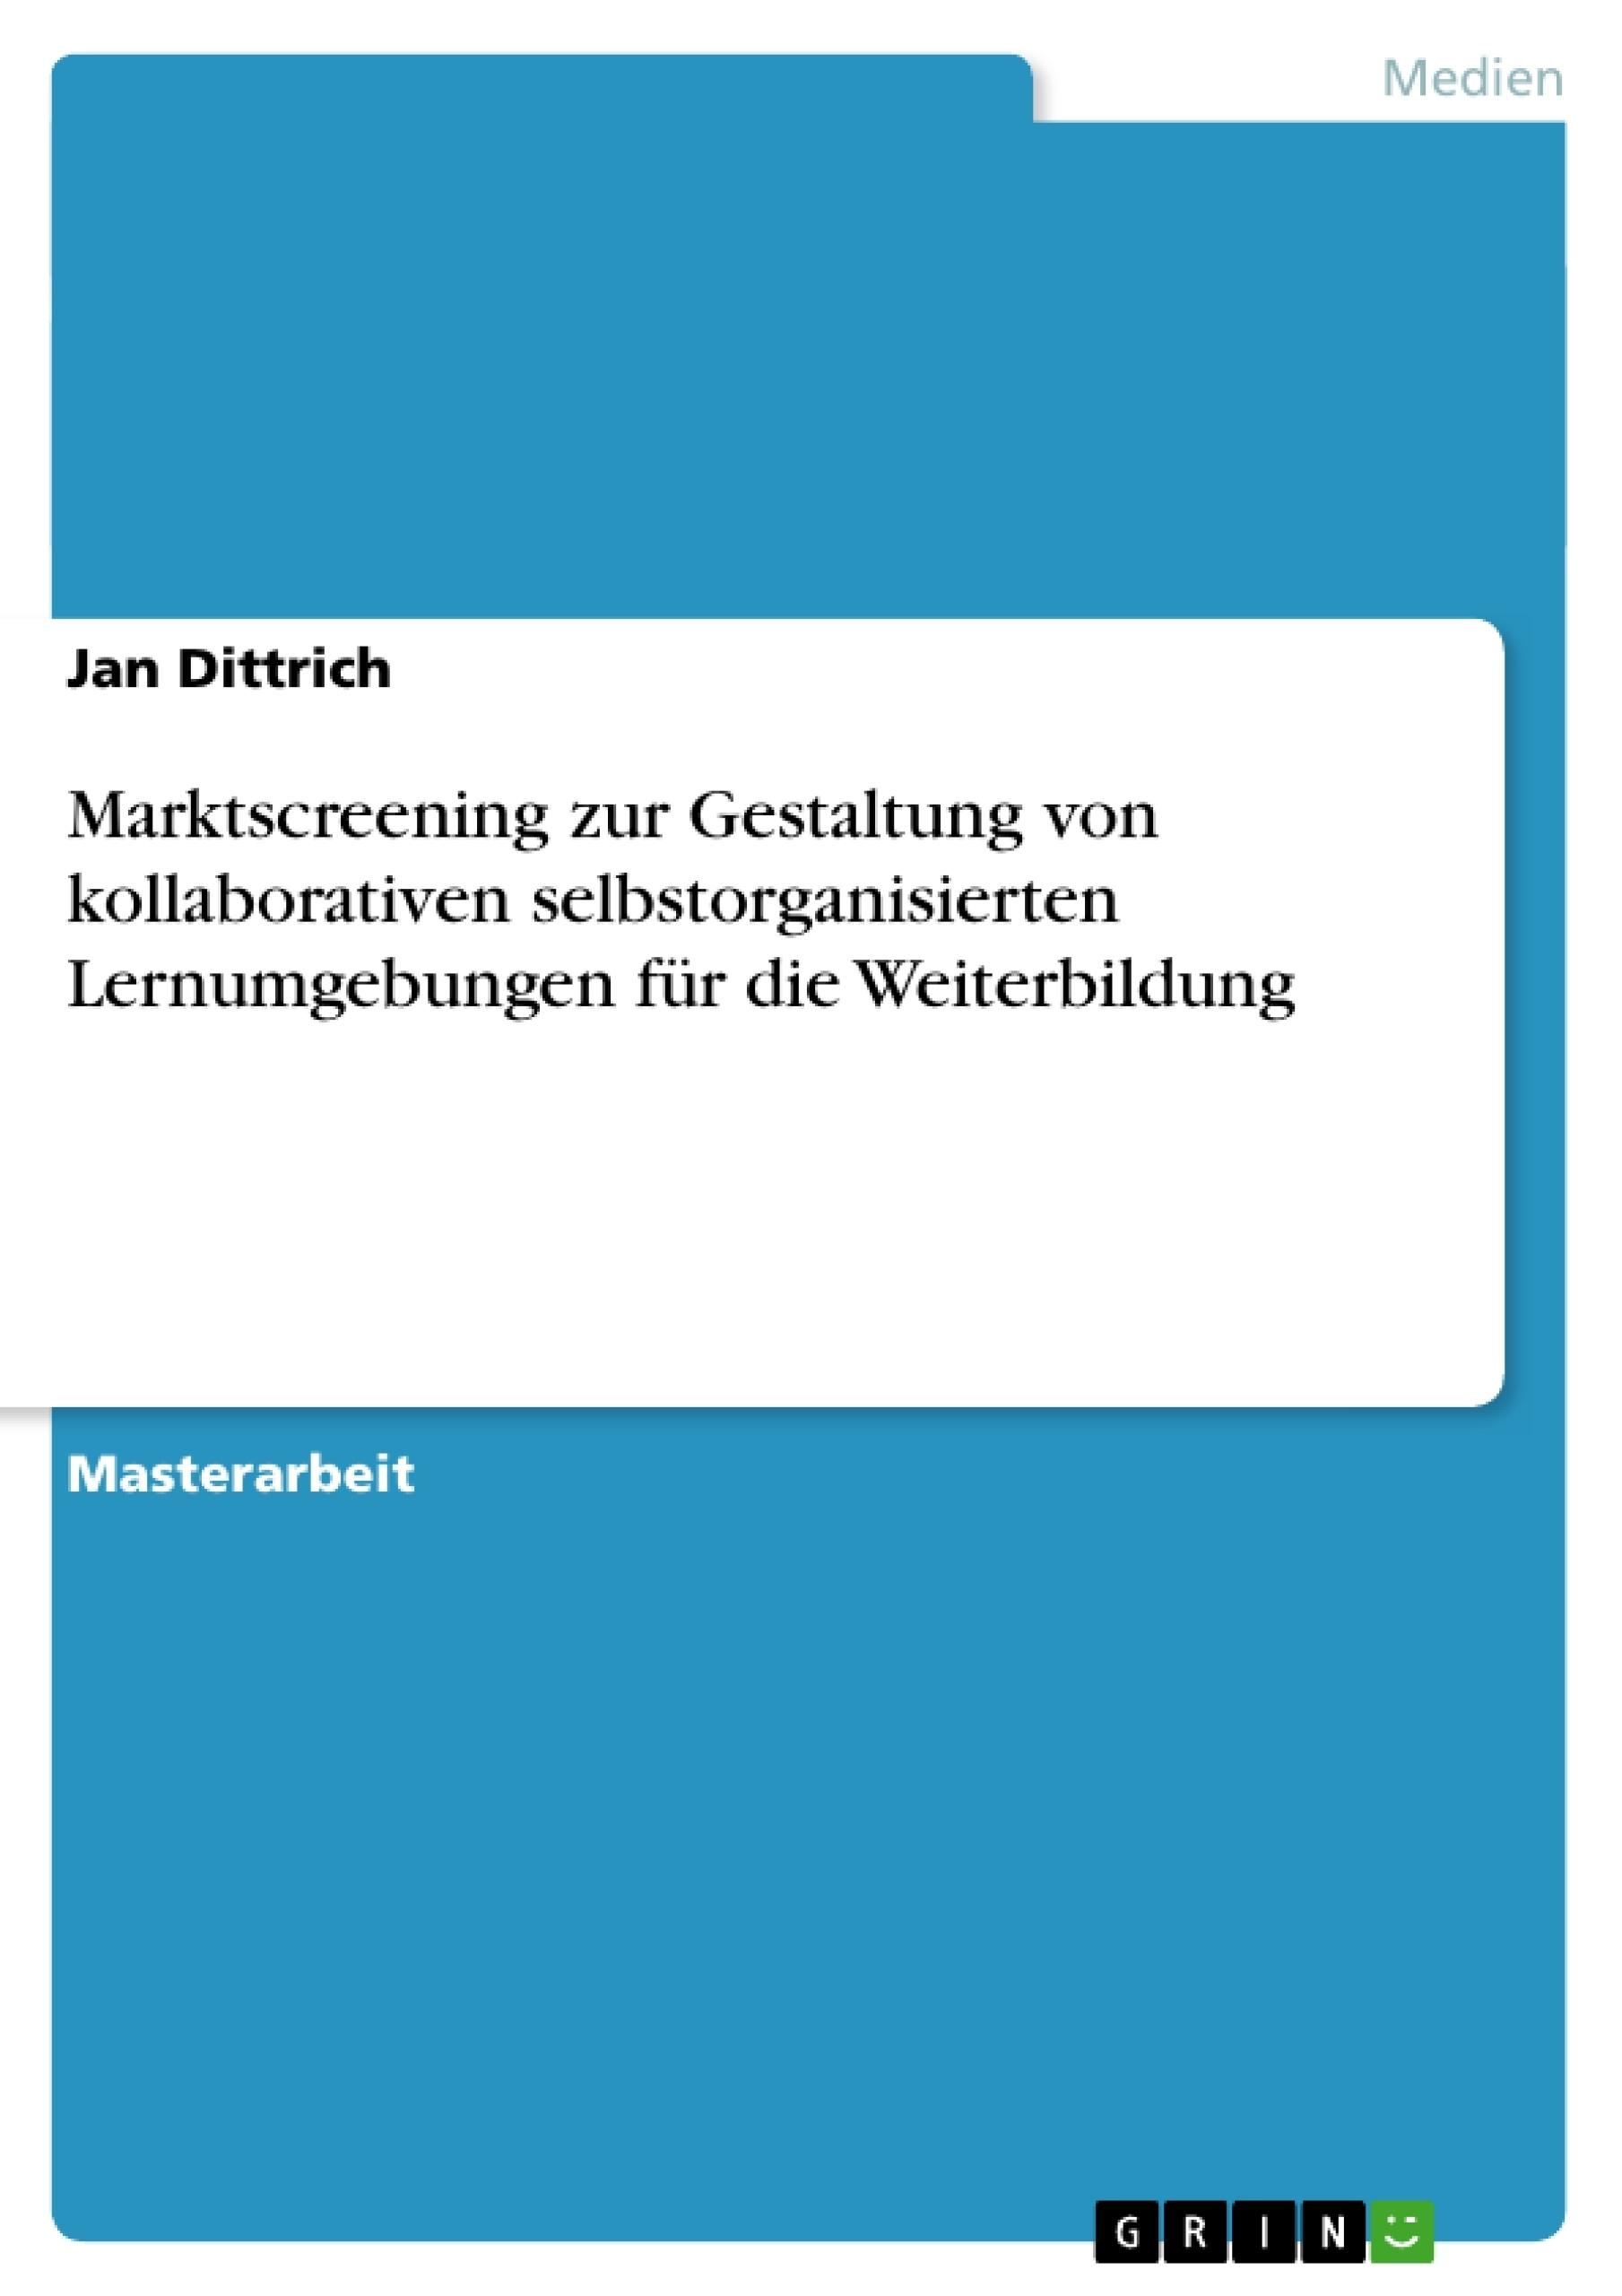 Titel: Marktscreening zur Gestaltung von kollaborativen selbstorganisierten Lernumgebungen für die Weiterbildung